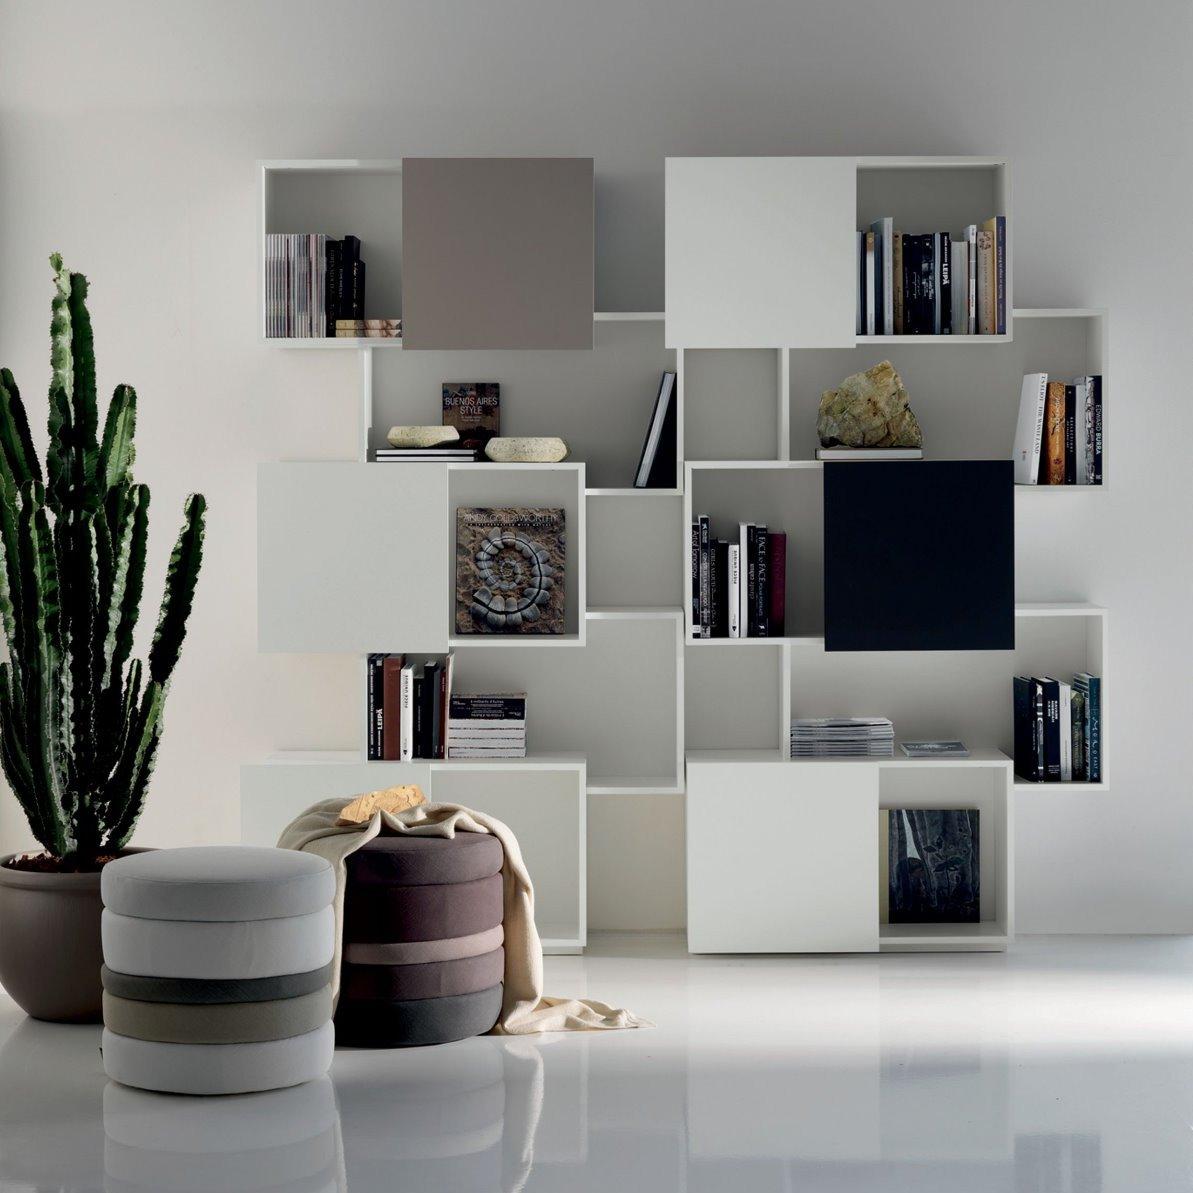 Idee le migliori librerie per la casa di un lettore - Librerie ikea immagini ...